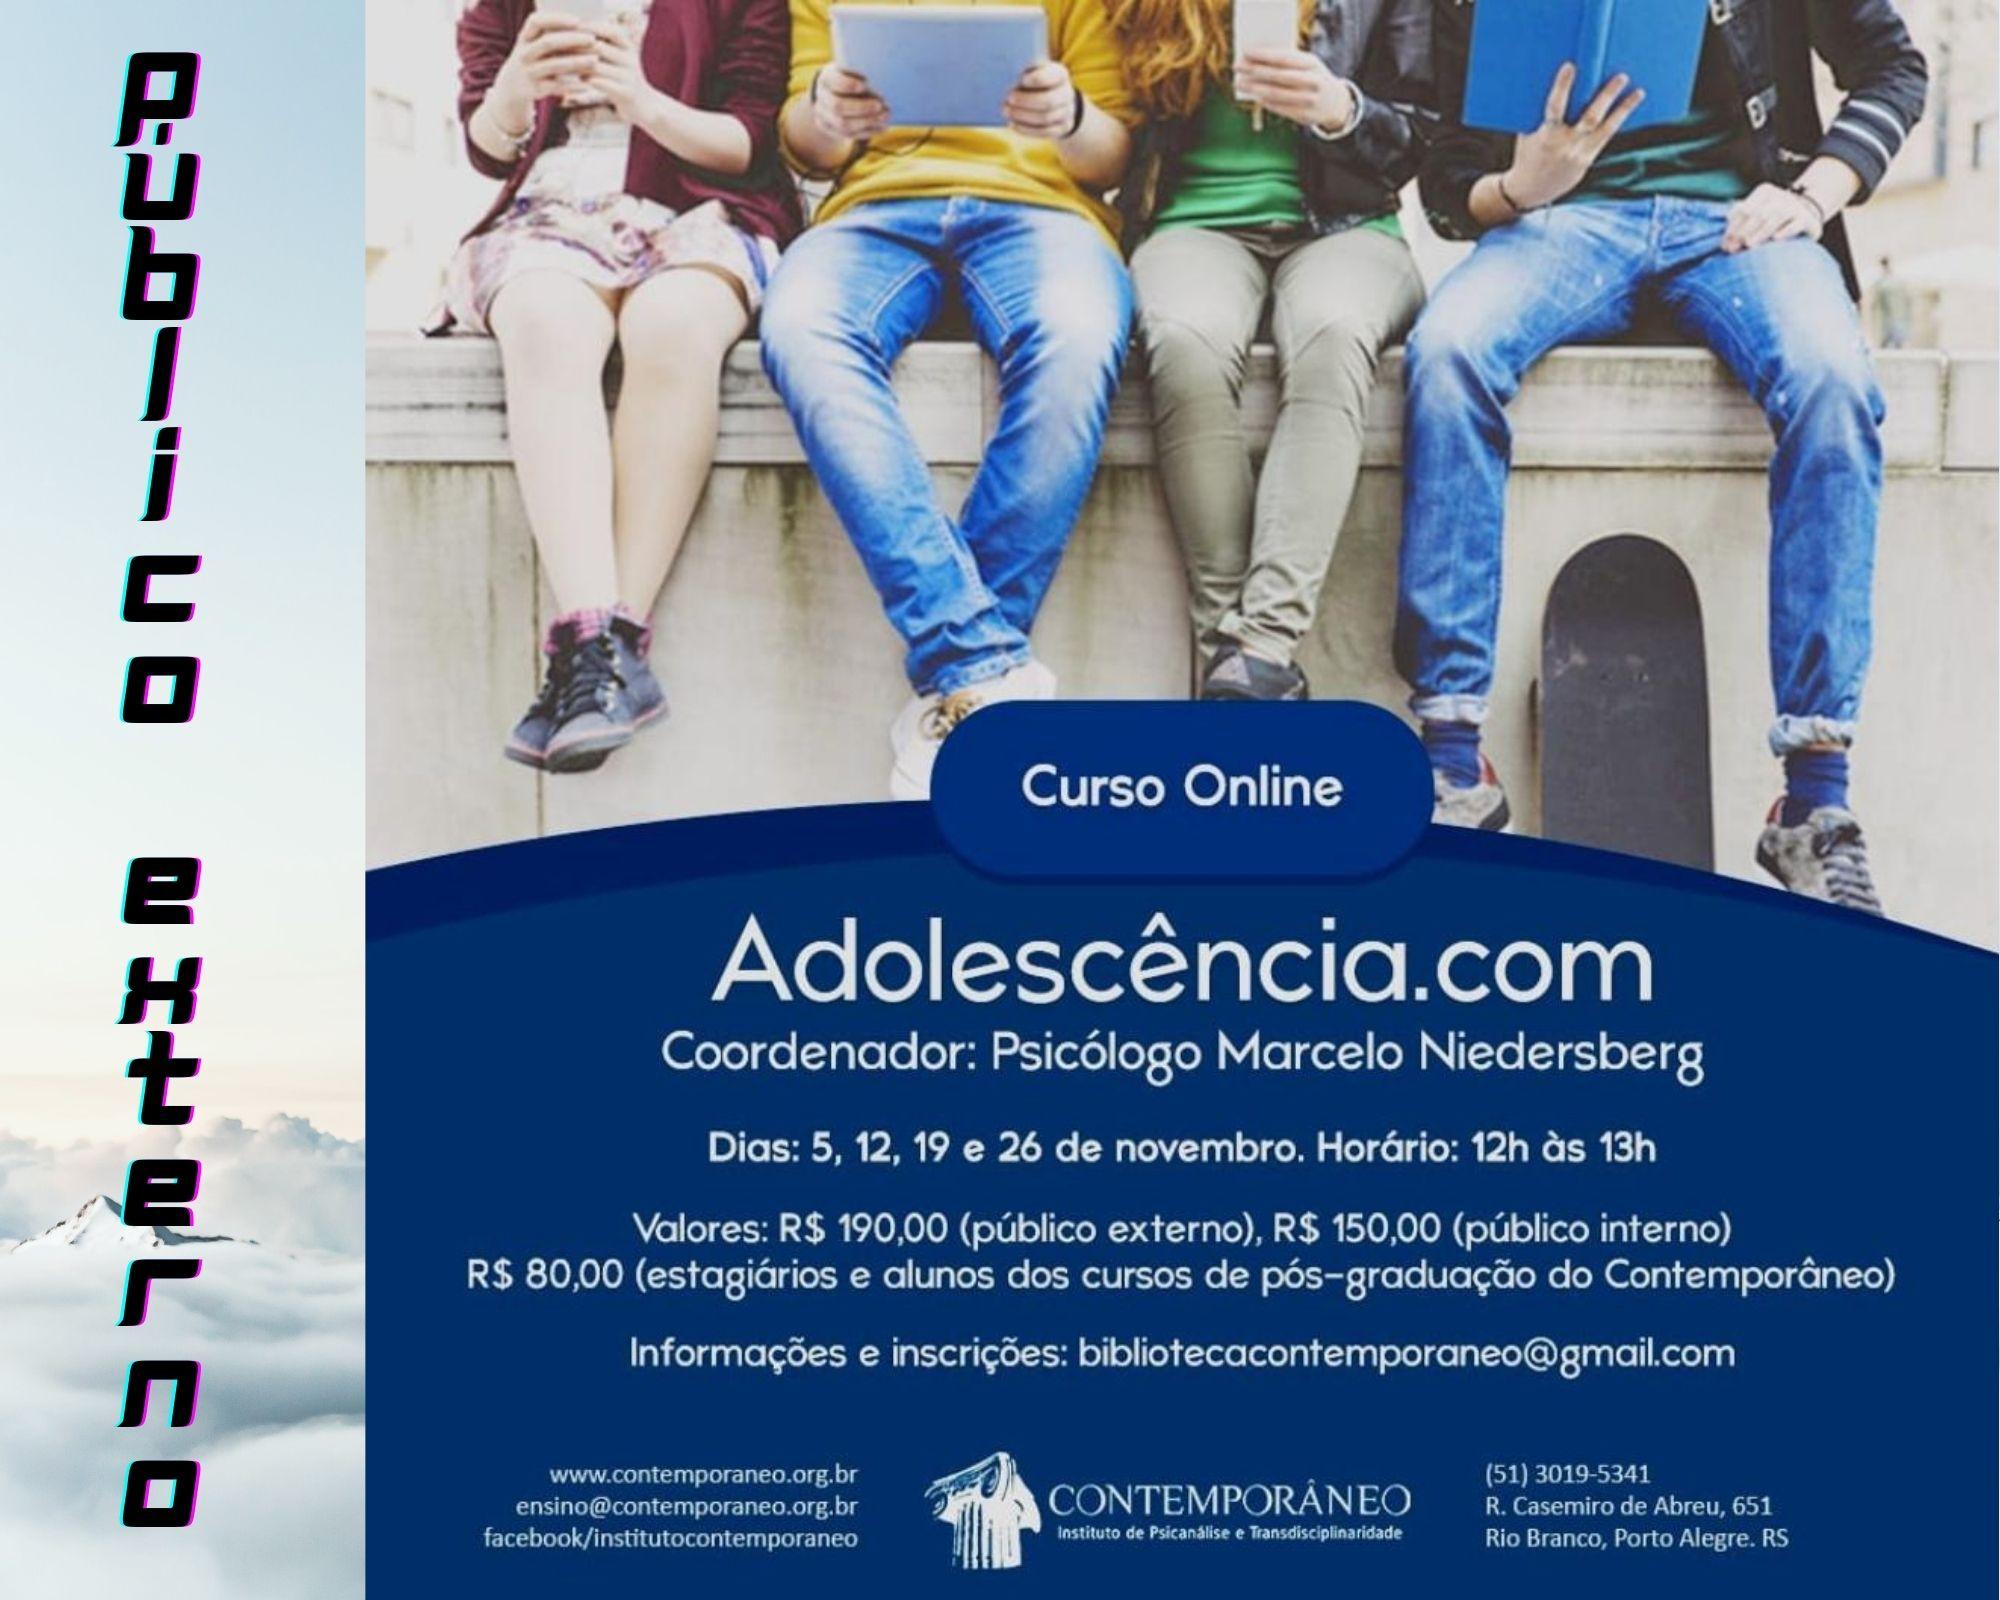 Curso para Adolescência.com - Público Externo